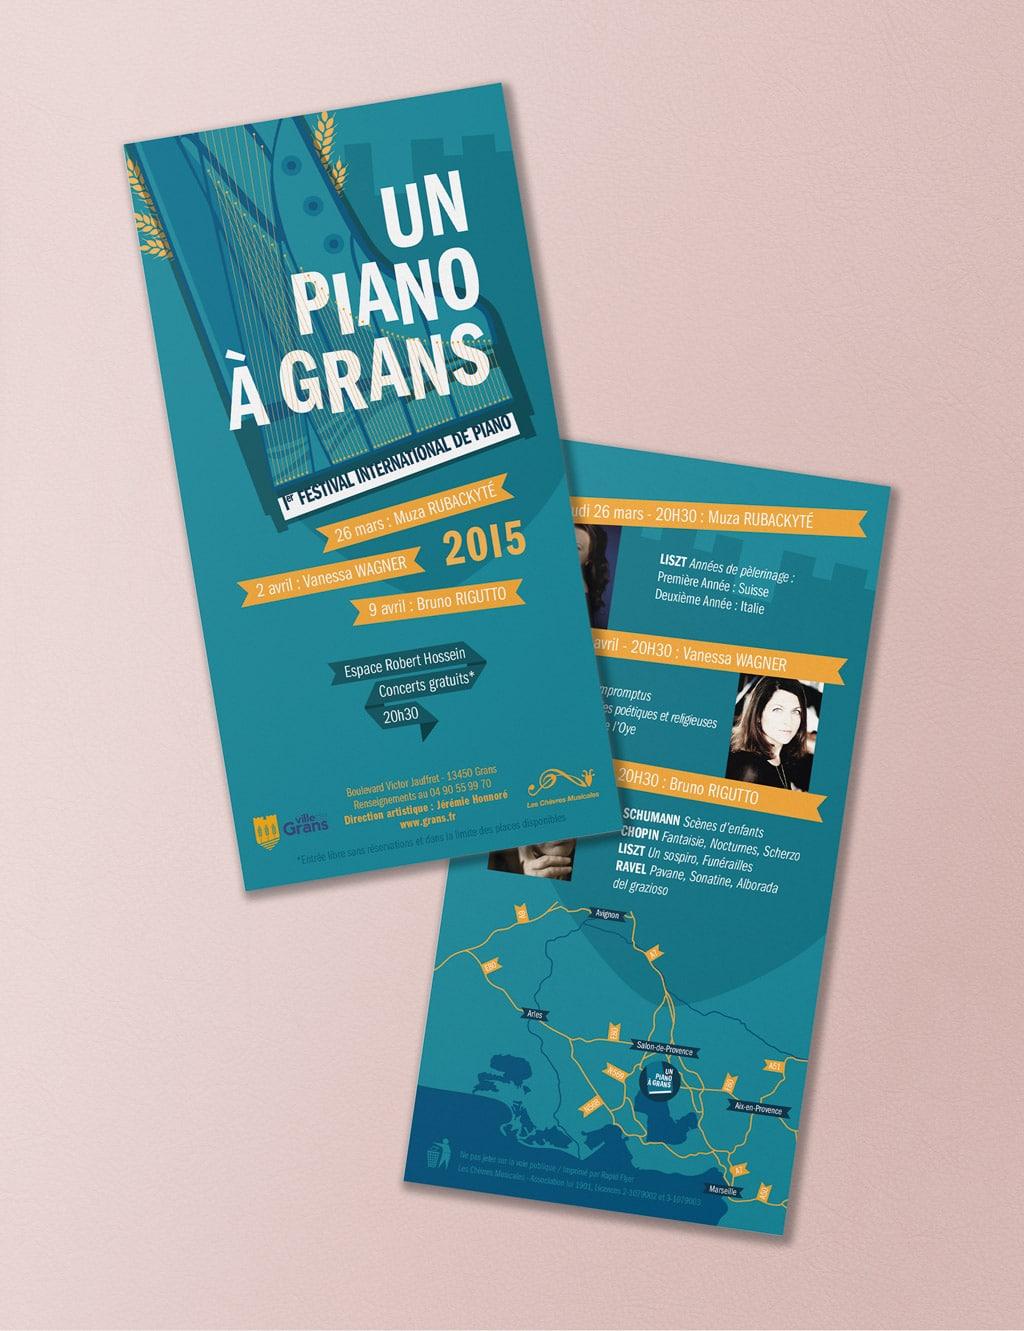 Flyer for the International Piano Festival, Un Piano à Grans